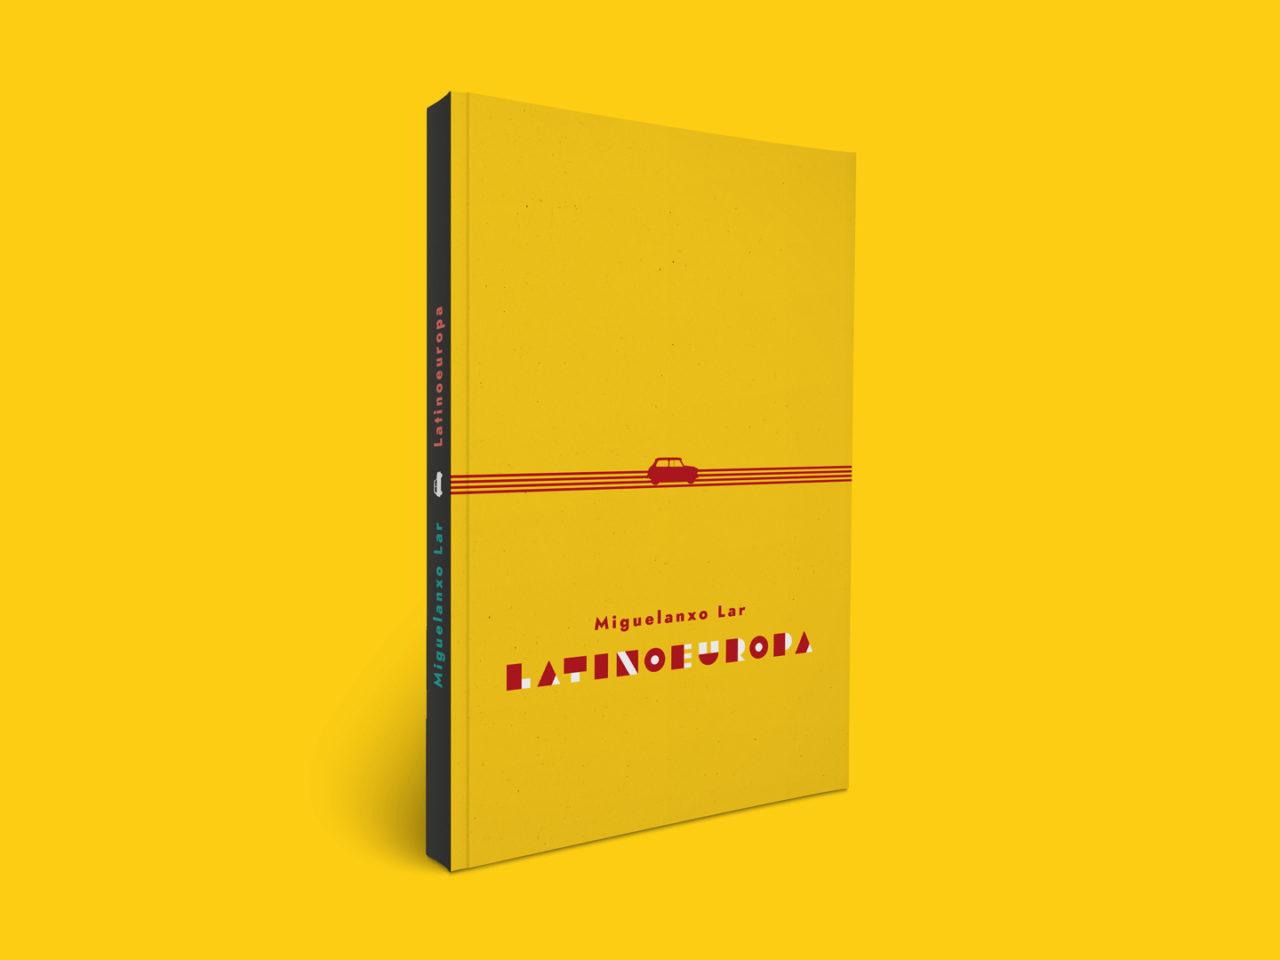 Ilustración editorial para a novela Latinoeuropa 1